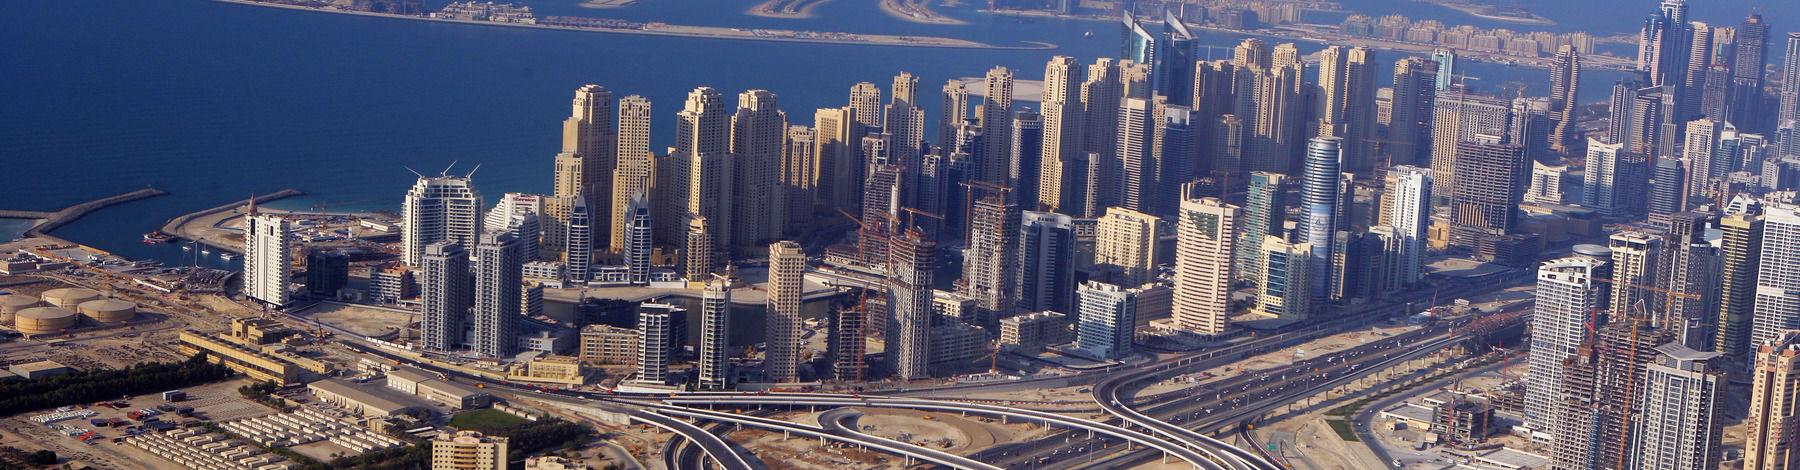 vereinigte emirate urlaub